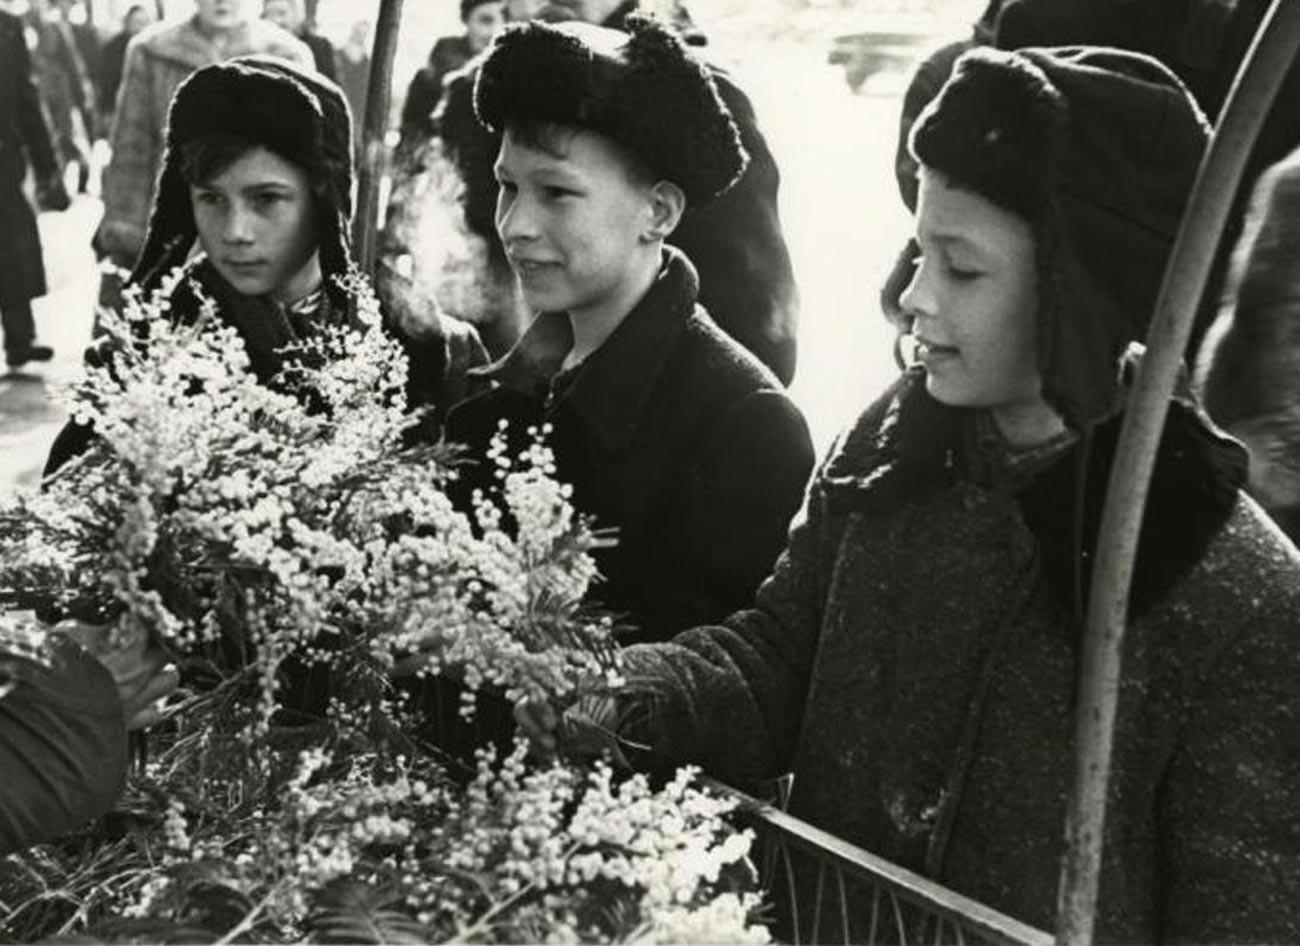 Los chicos compran flores demimosa para el Día Internacional de la Mujer, el 8 de marzo de 1959